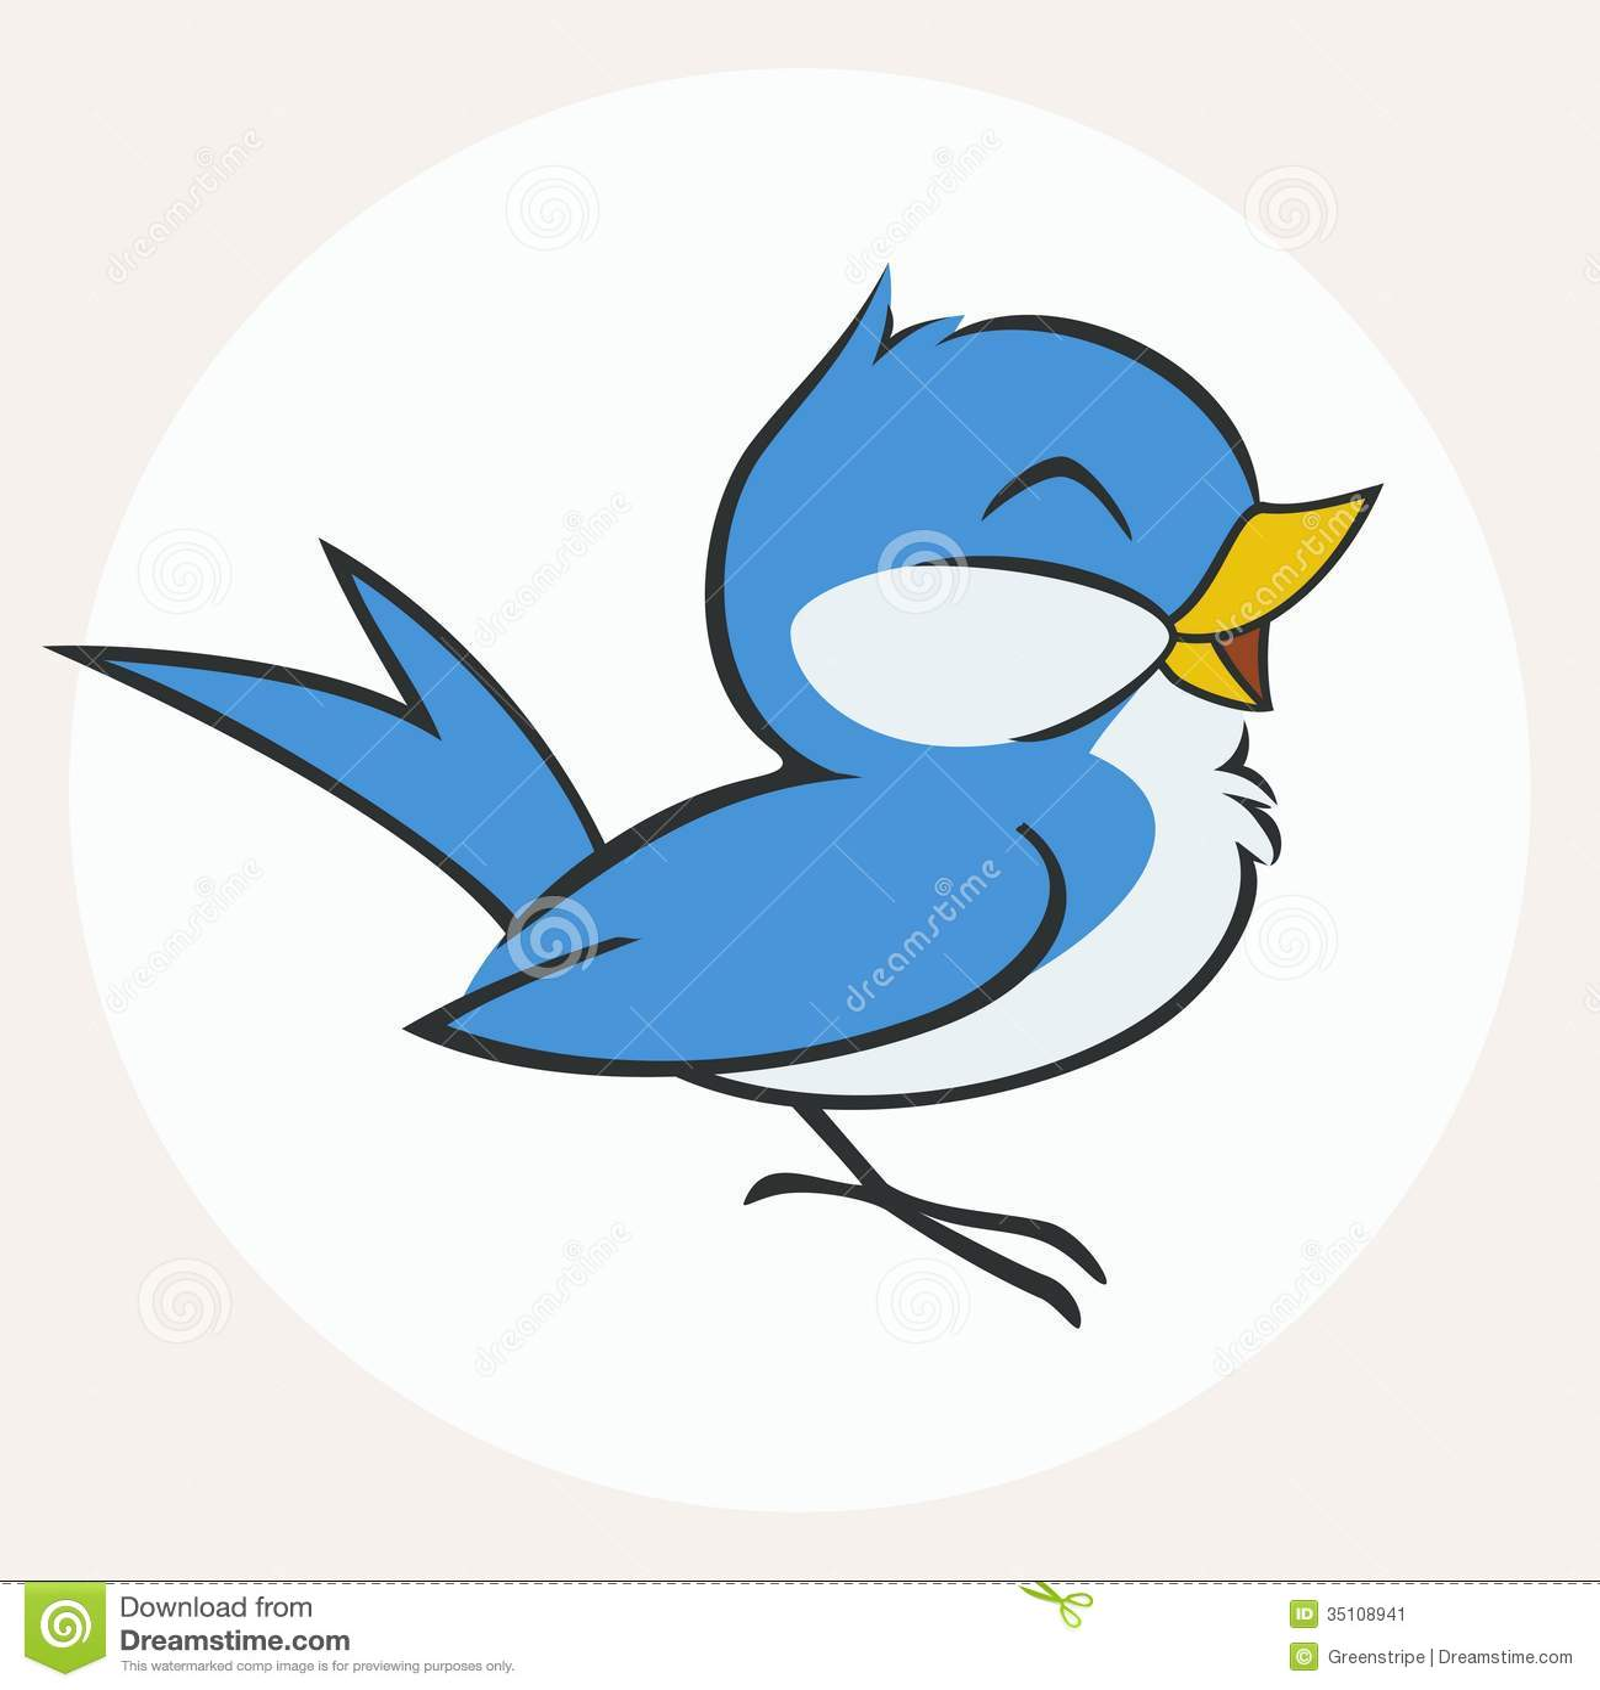 little blue bird stock image image 35108941 roller coaster clipart images roller coaster clipart black and white